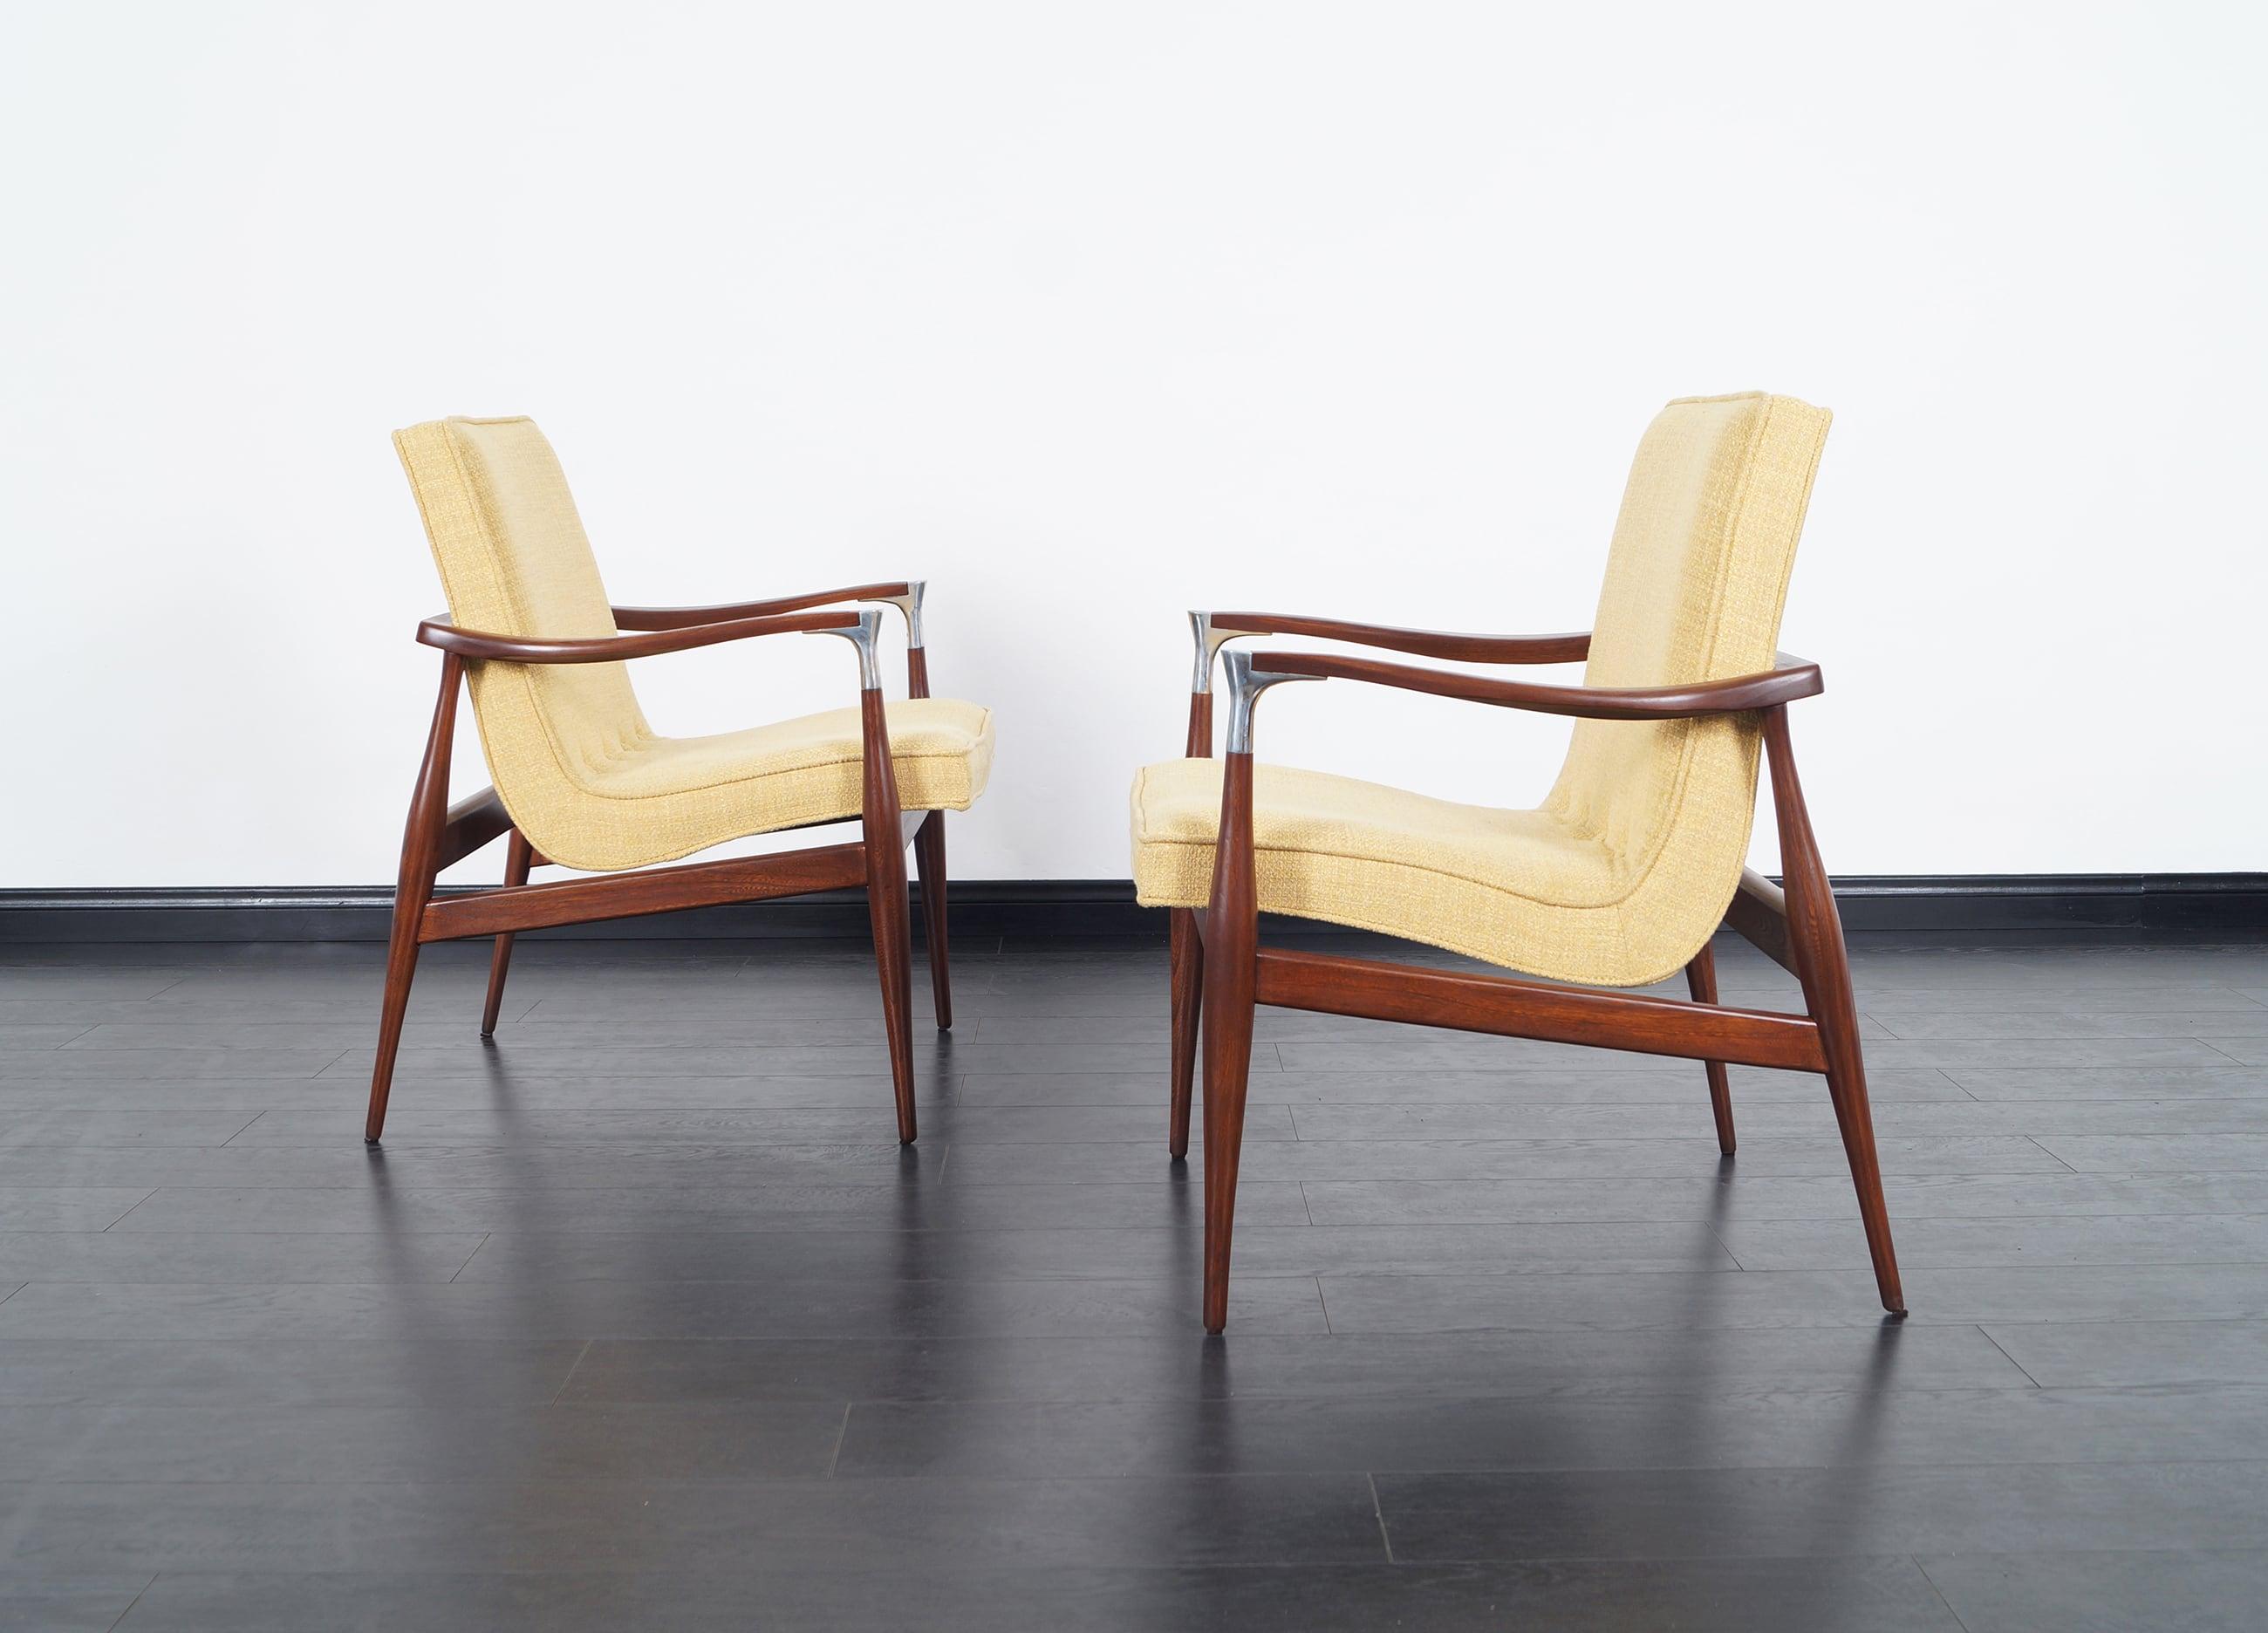 Danish Modern Chairs by Ib Kofod Larsen